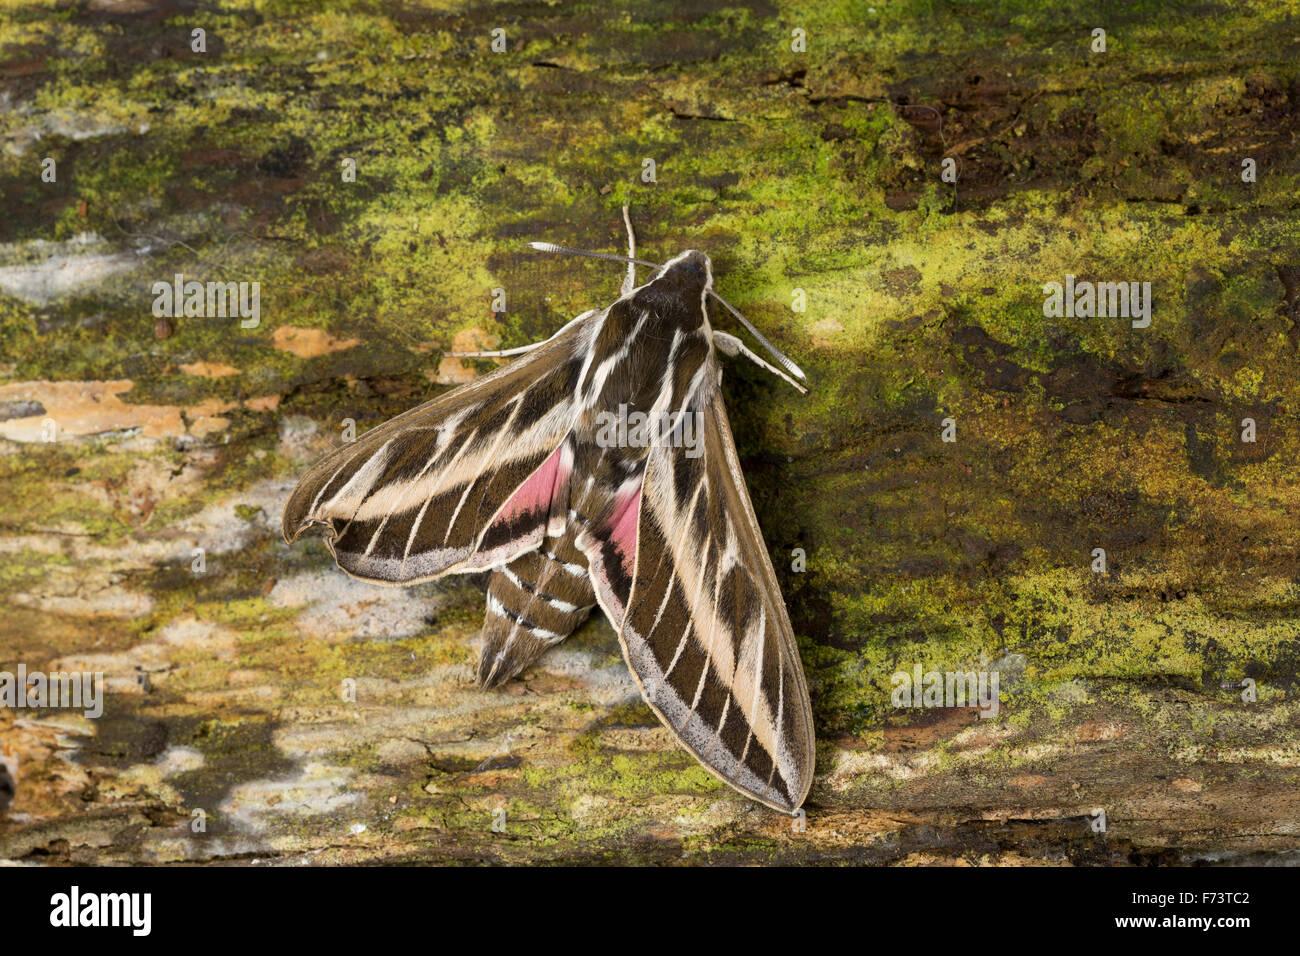 Striped hawk-moth, hawkmoth, Linienschwärmer, Linien-Schwärmer, Hyles livornica, Celerio lineata, Le Sphinx - Stock Image